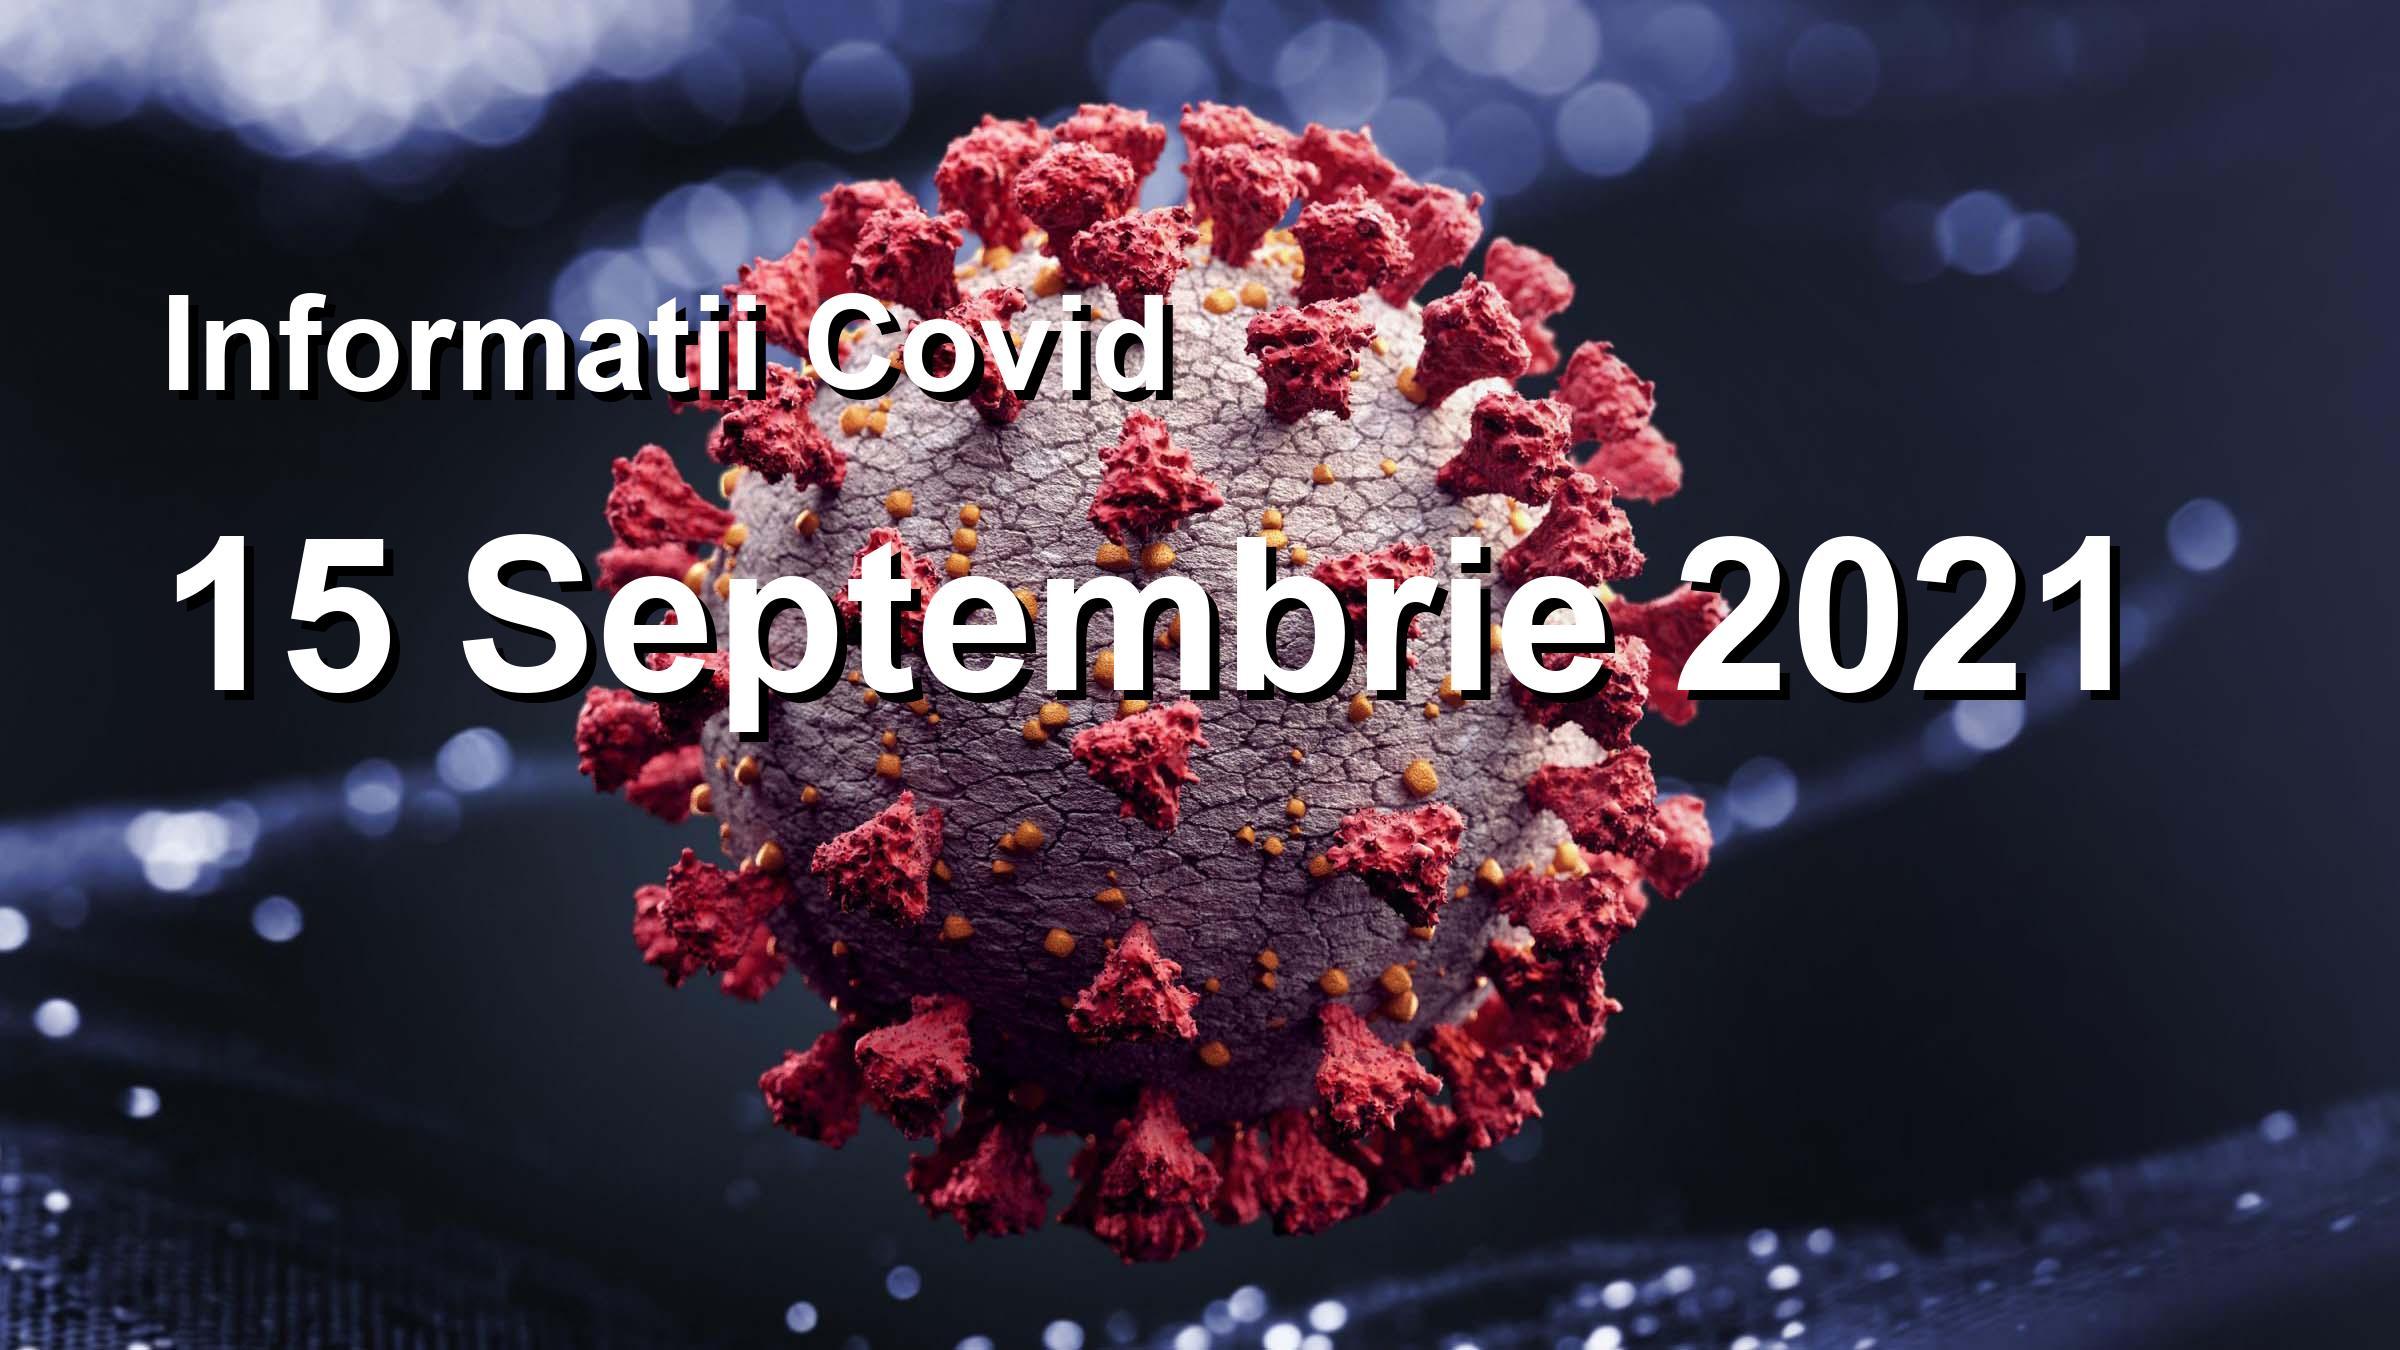 Informatii Covid-19 pentru 15 Septembrie 2021: 4004 infectari, 44608 teste. | Coronavirus Romania